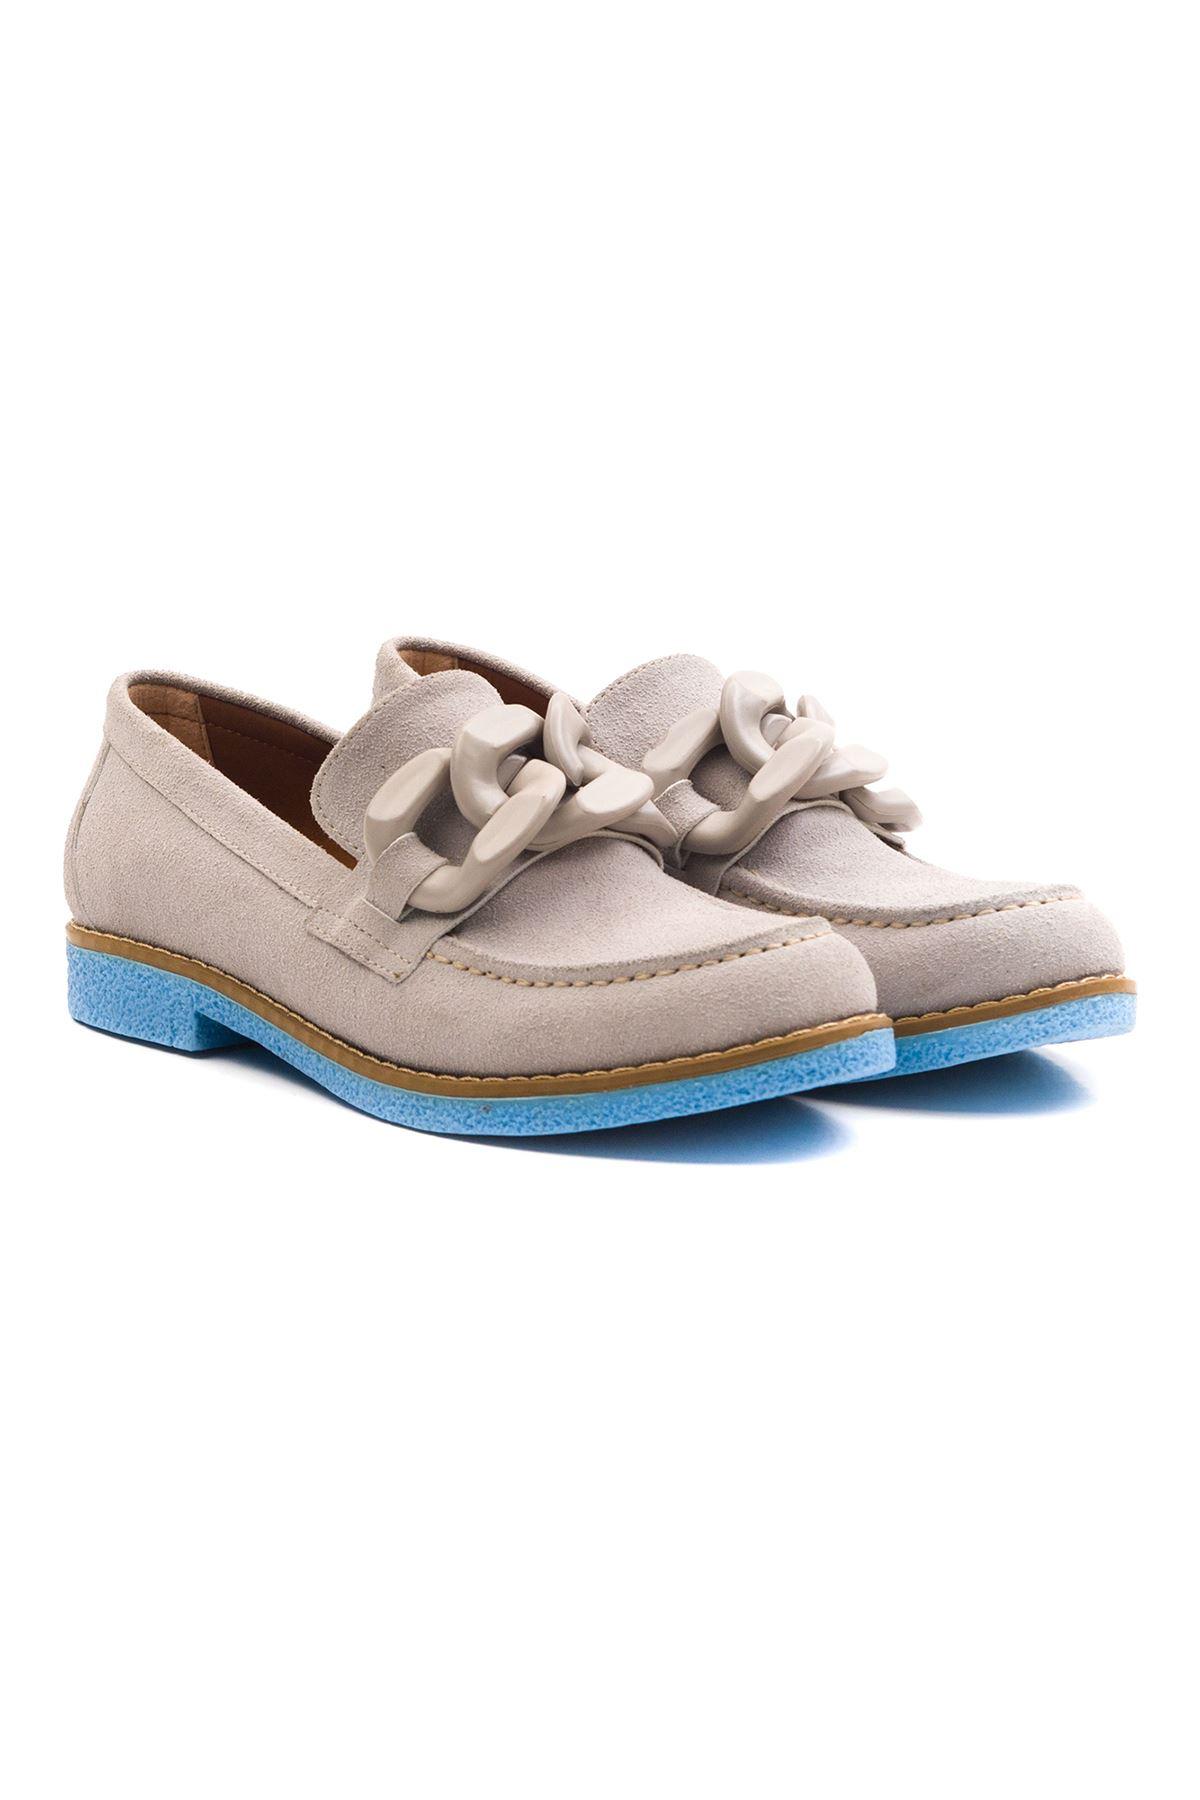 Violaces Kadın Ayakkabı Bot Gri Süet Mavi Taban